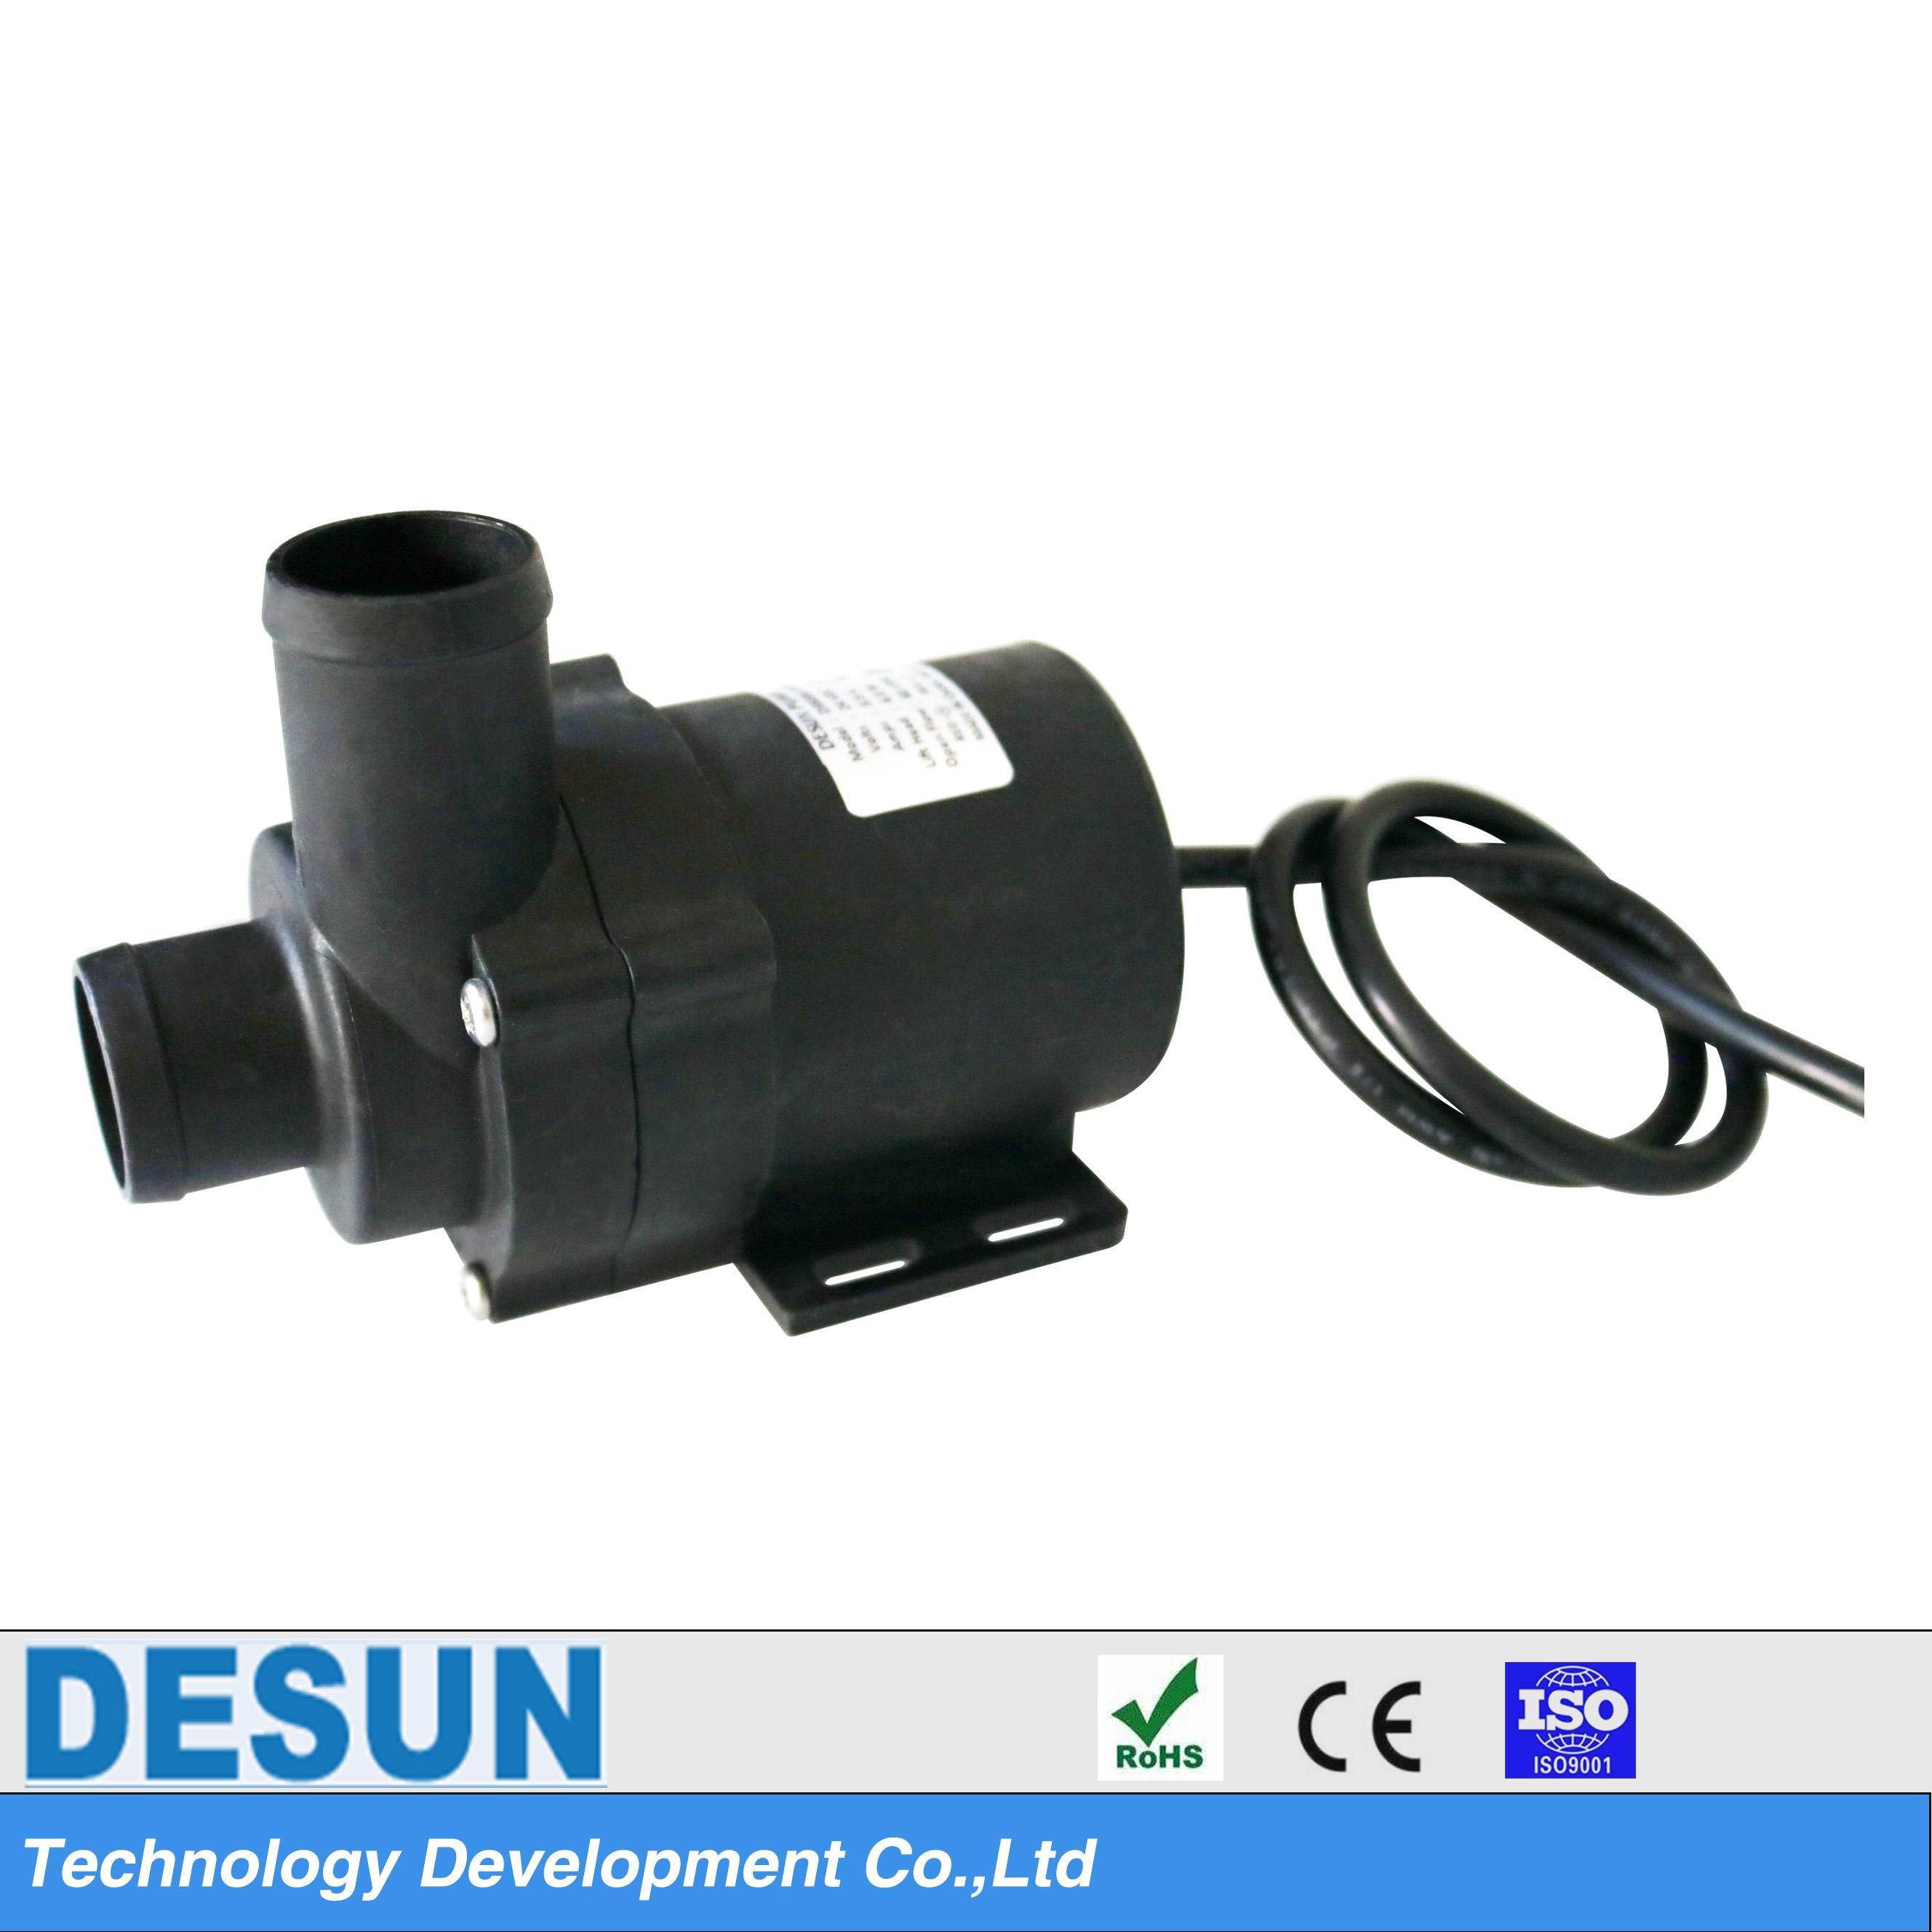 微型直流无刷潜水泵DS5006